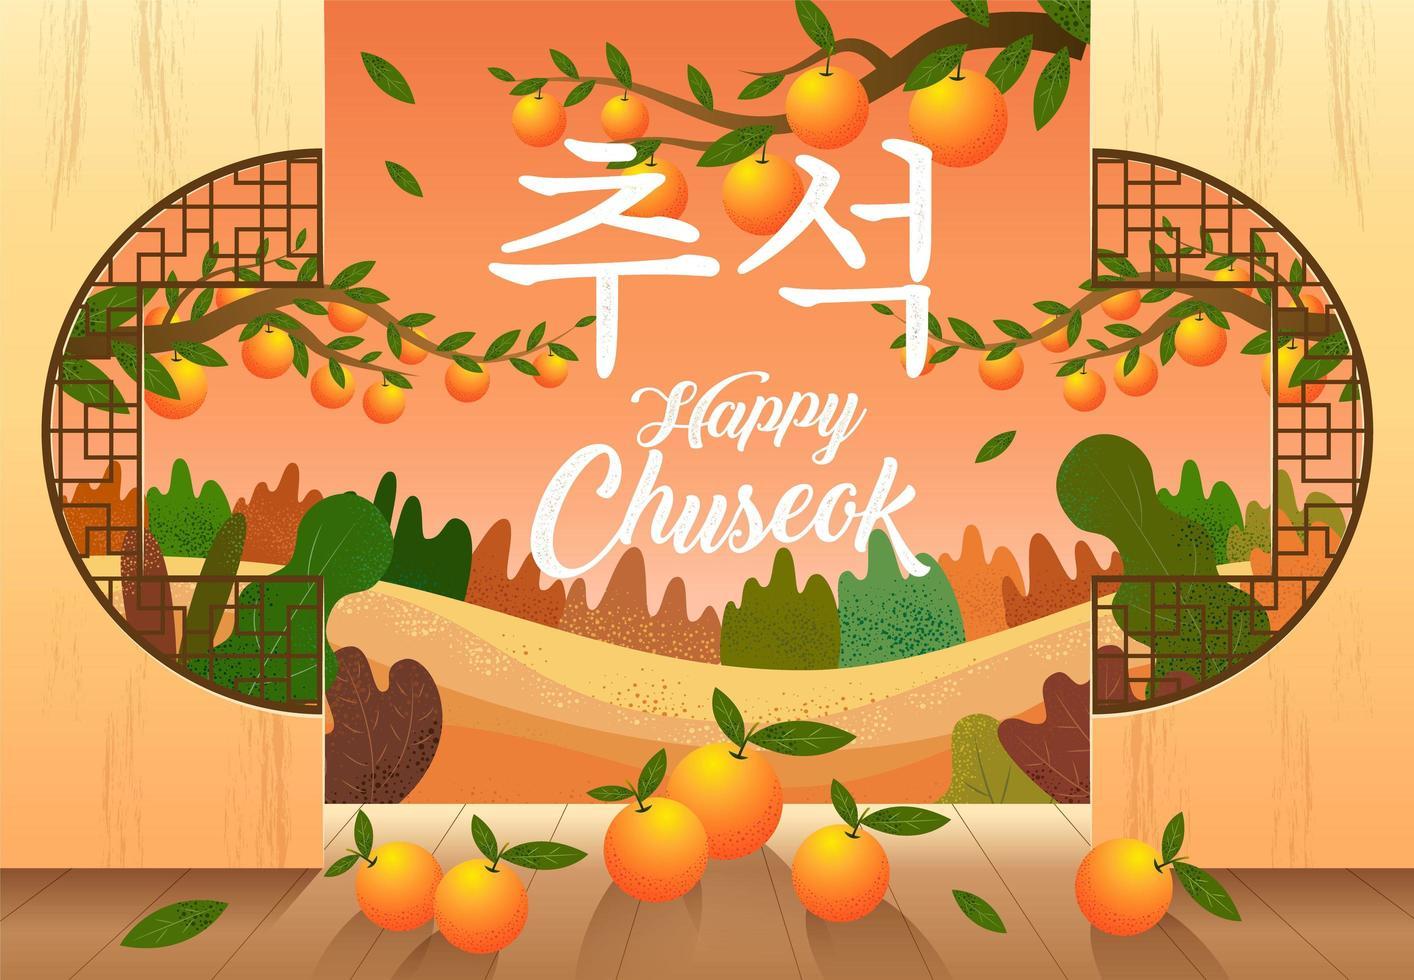 gelukkig chuseokontwerp met sinaasappels en landschap vector